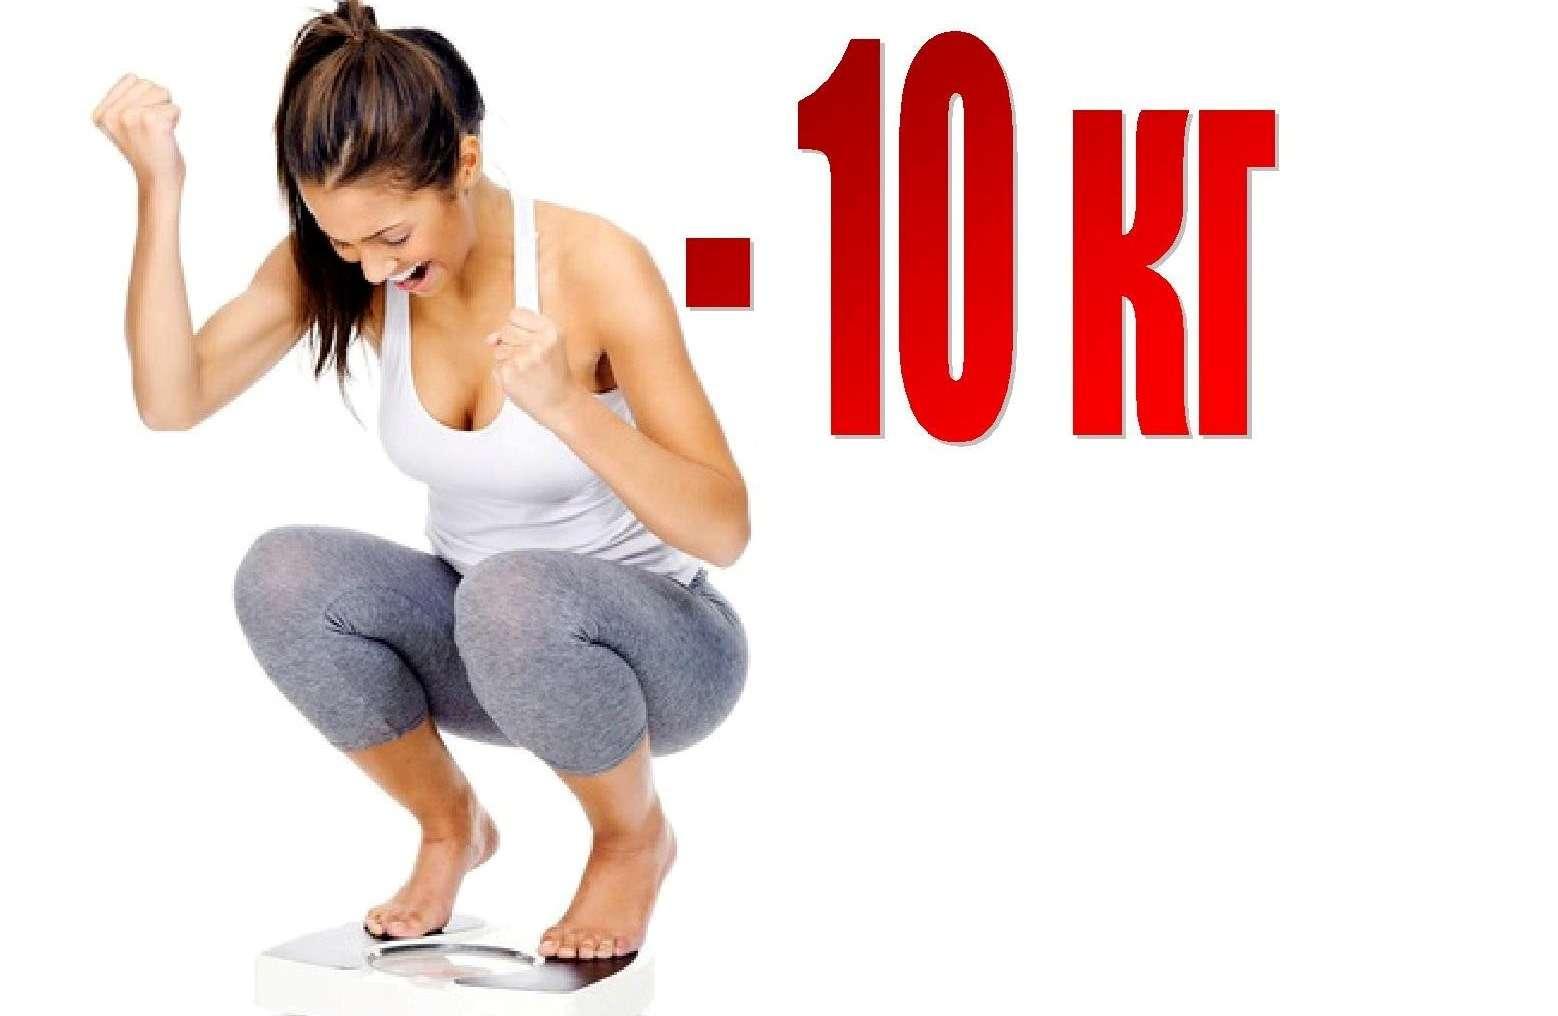 похудение за месяц без диет